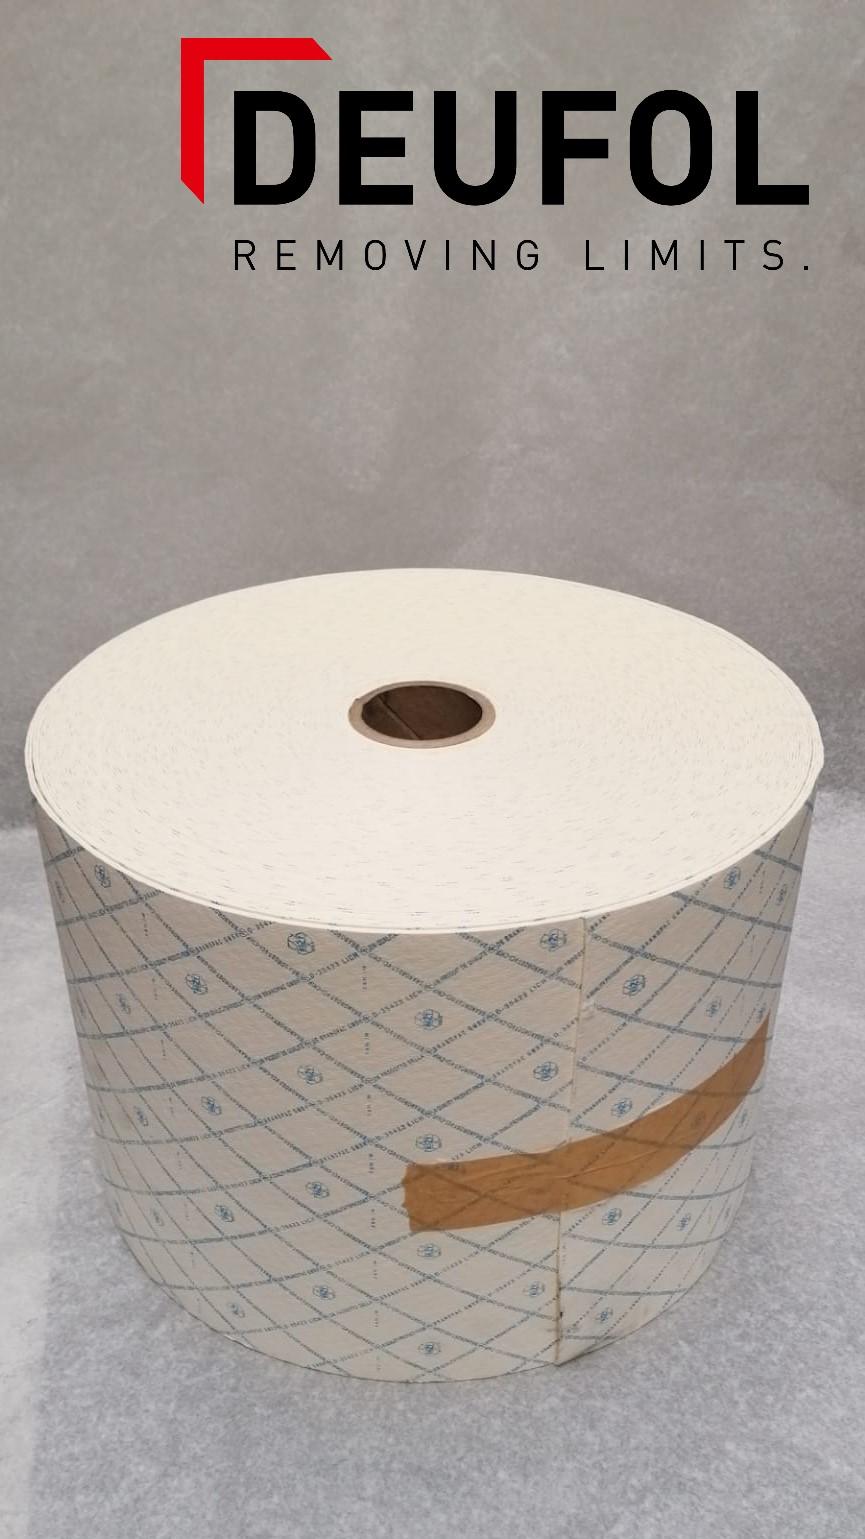 VCI Boost materiel - feuille de 32 cm * 2 mm, sur rouleau.